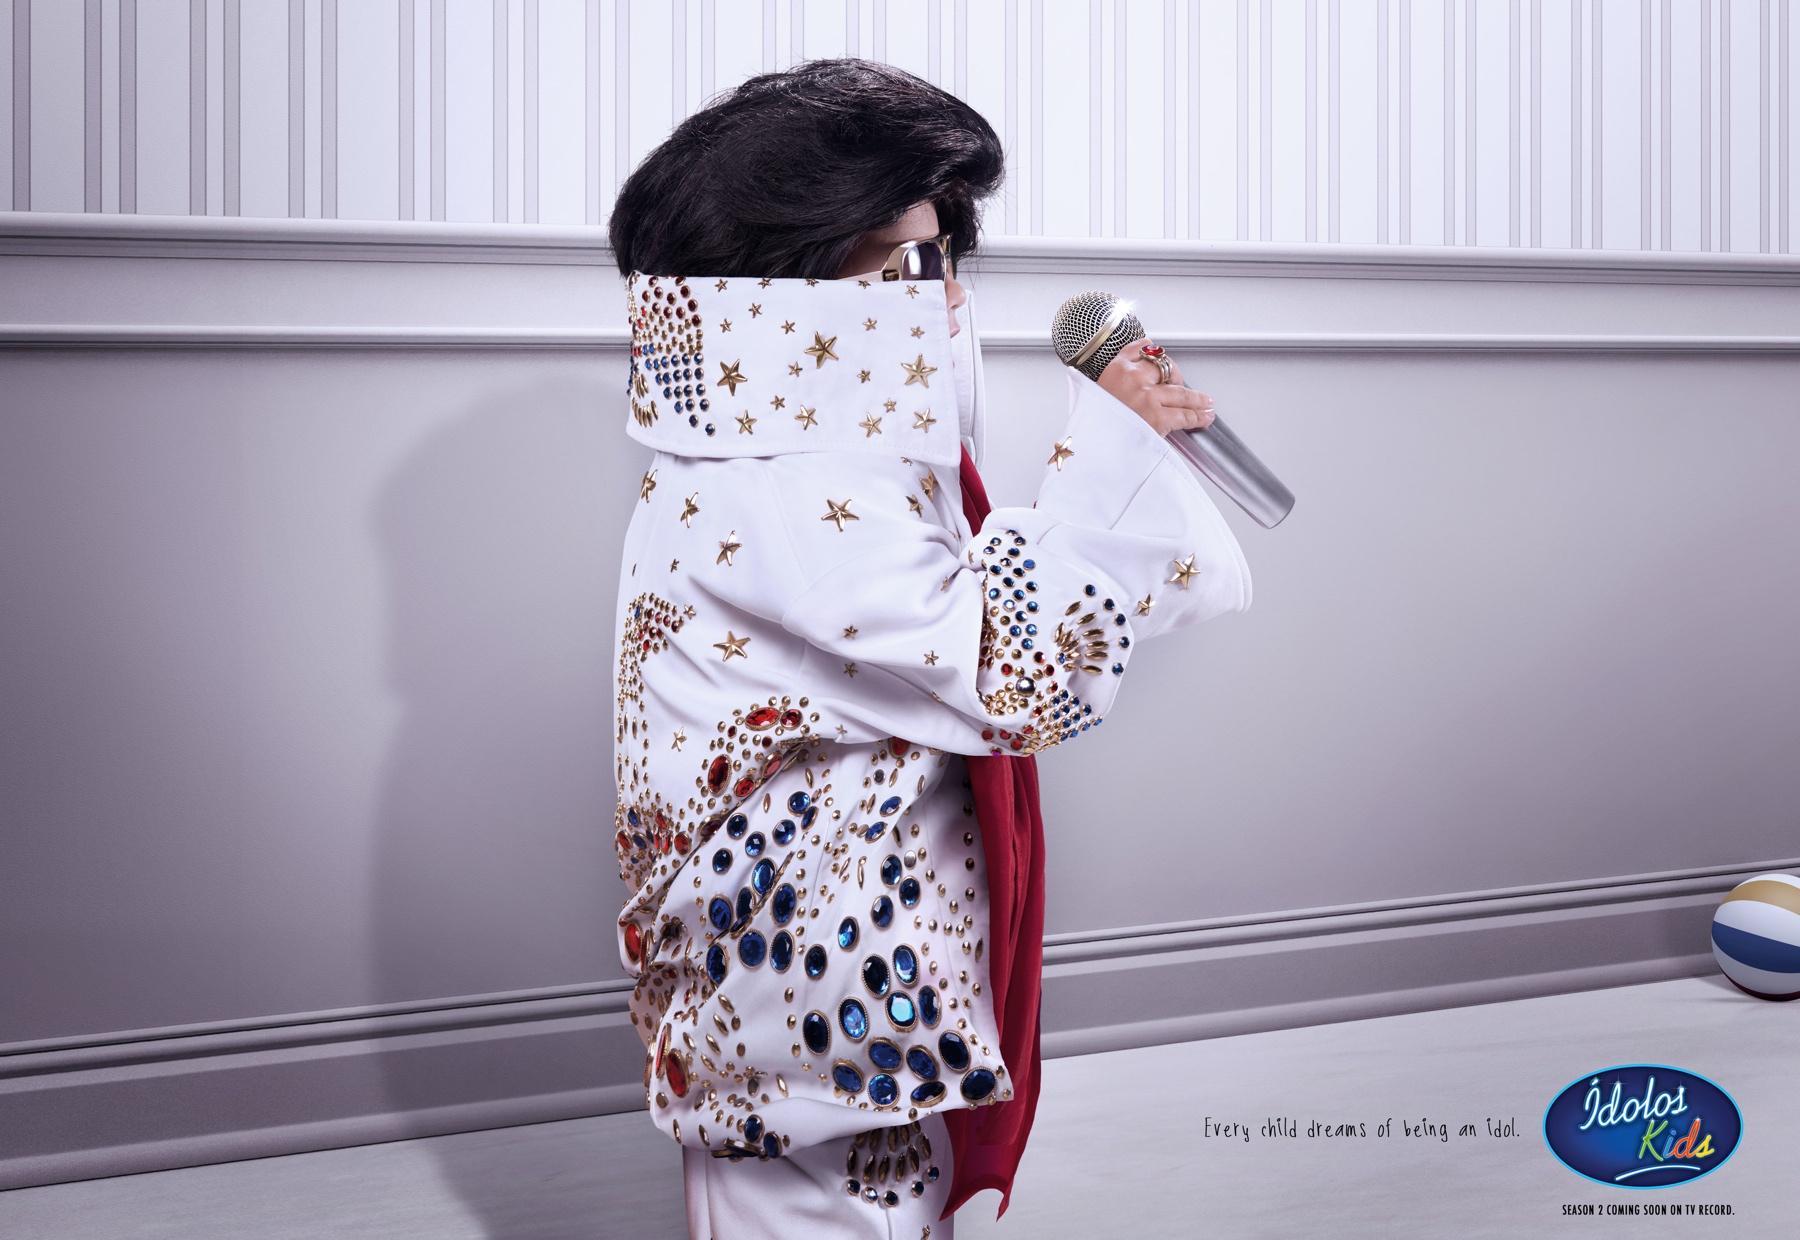 Ídolos Kids Print Ad -  Child / Elvis